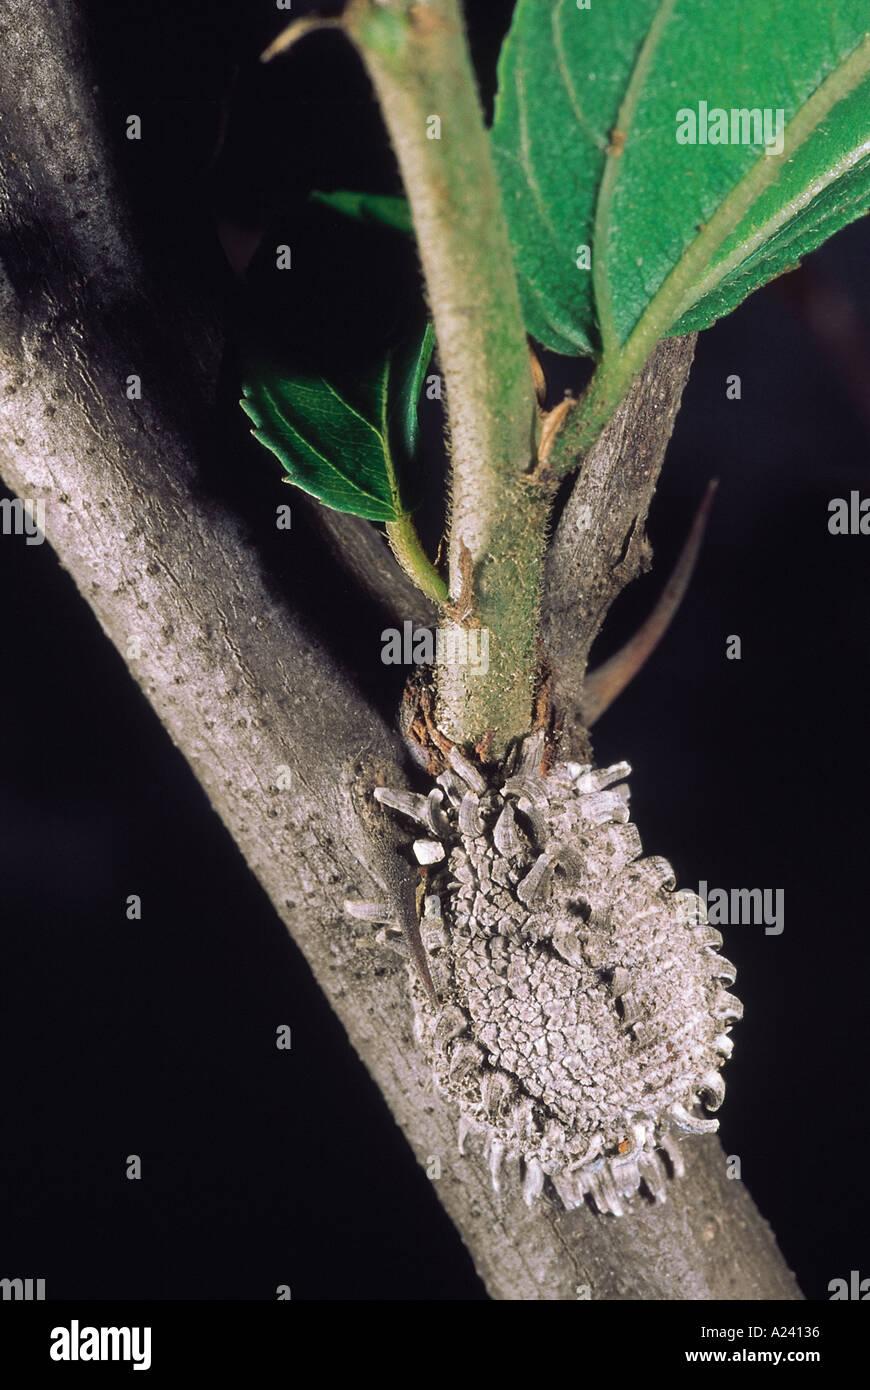 Scale insect Maharashtra India - Stock Image